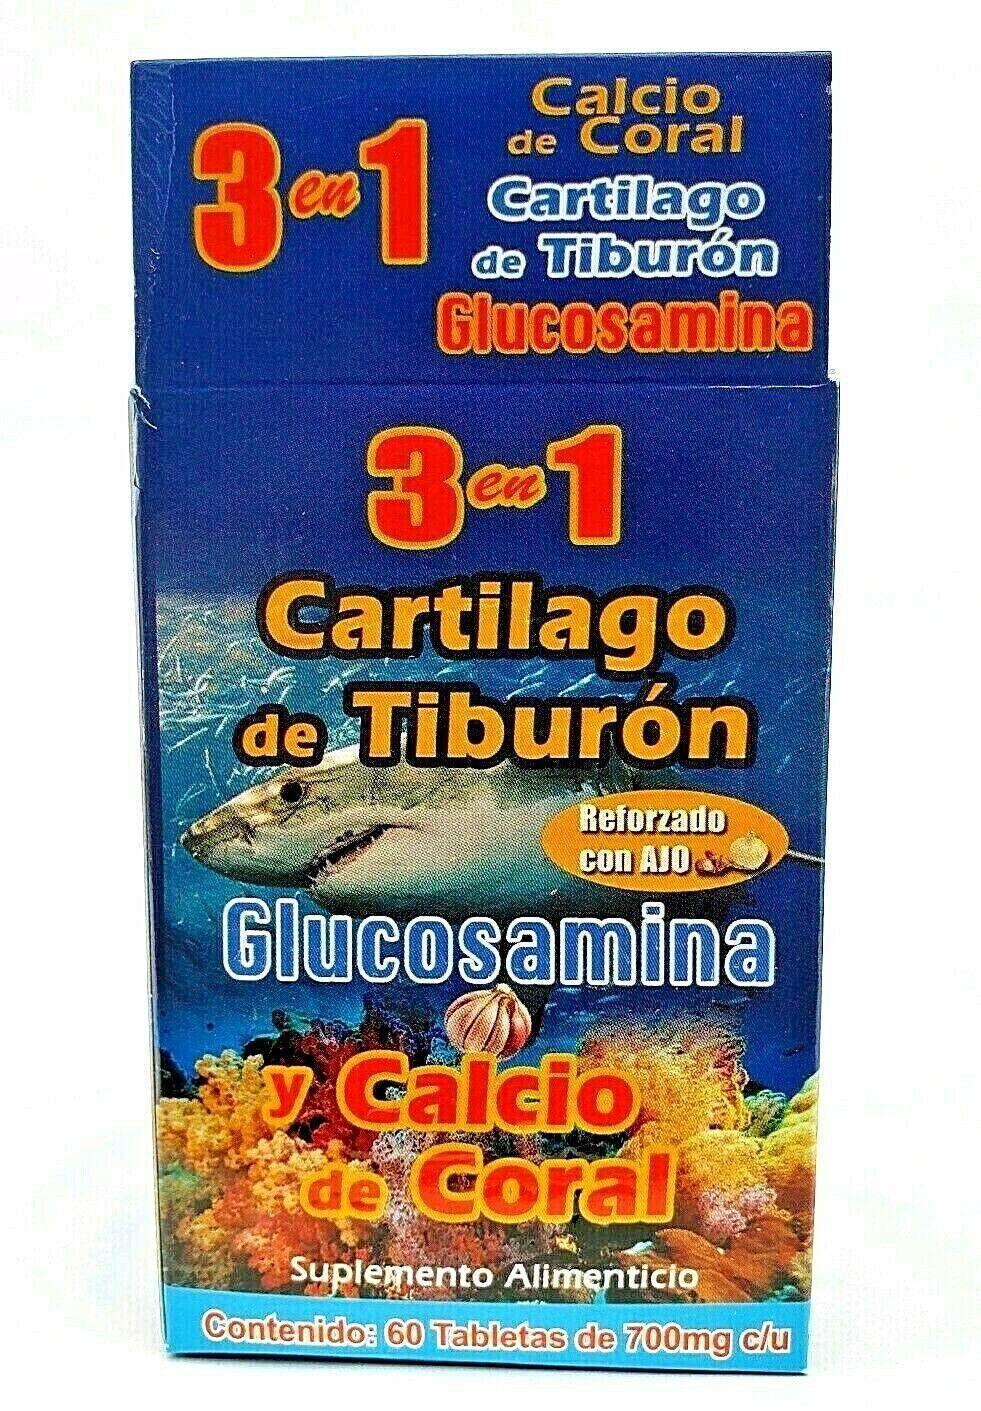 3 en 1 CARTILAGO TIBURON GLUCOSAMINA CALCIO CORAL REFORZADO + AJO FREE SHIPPING 5